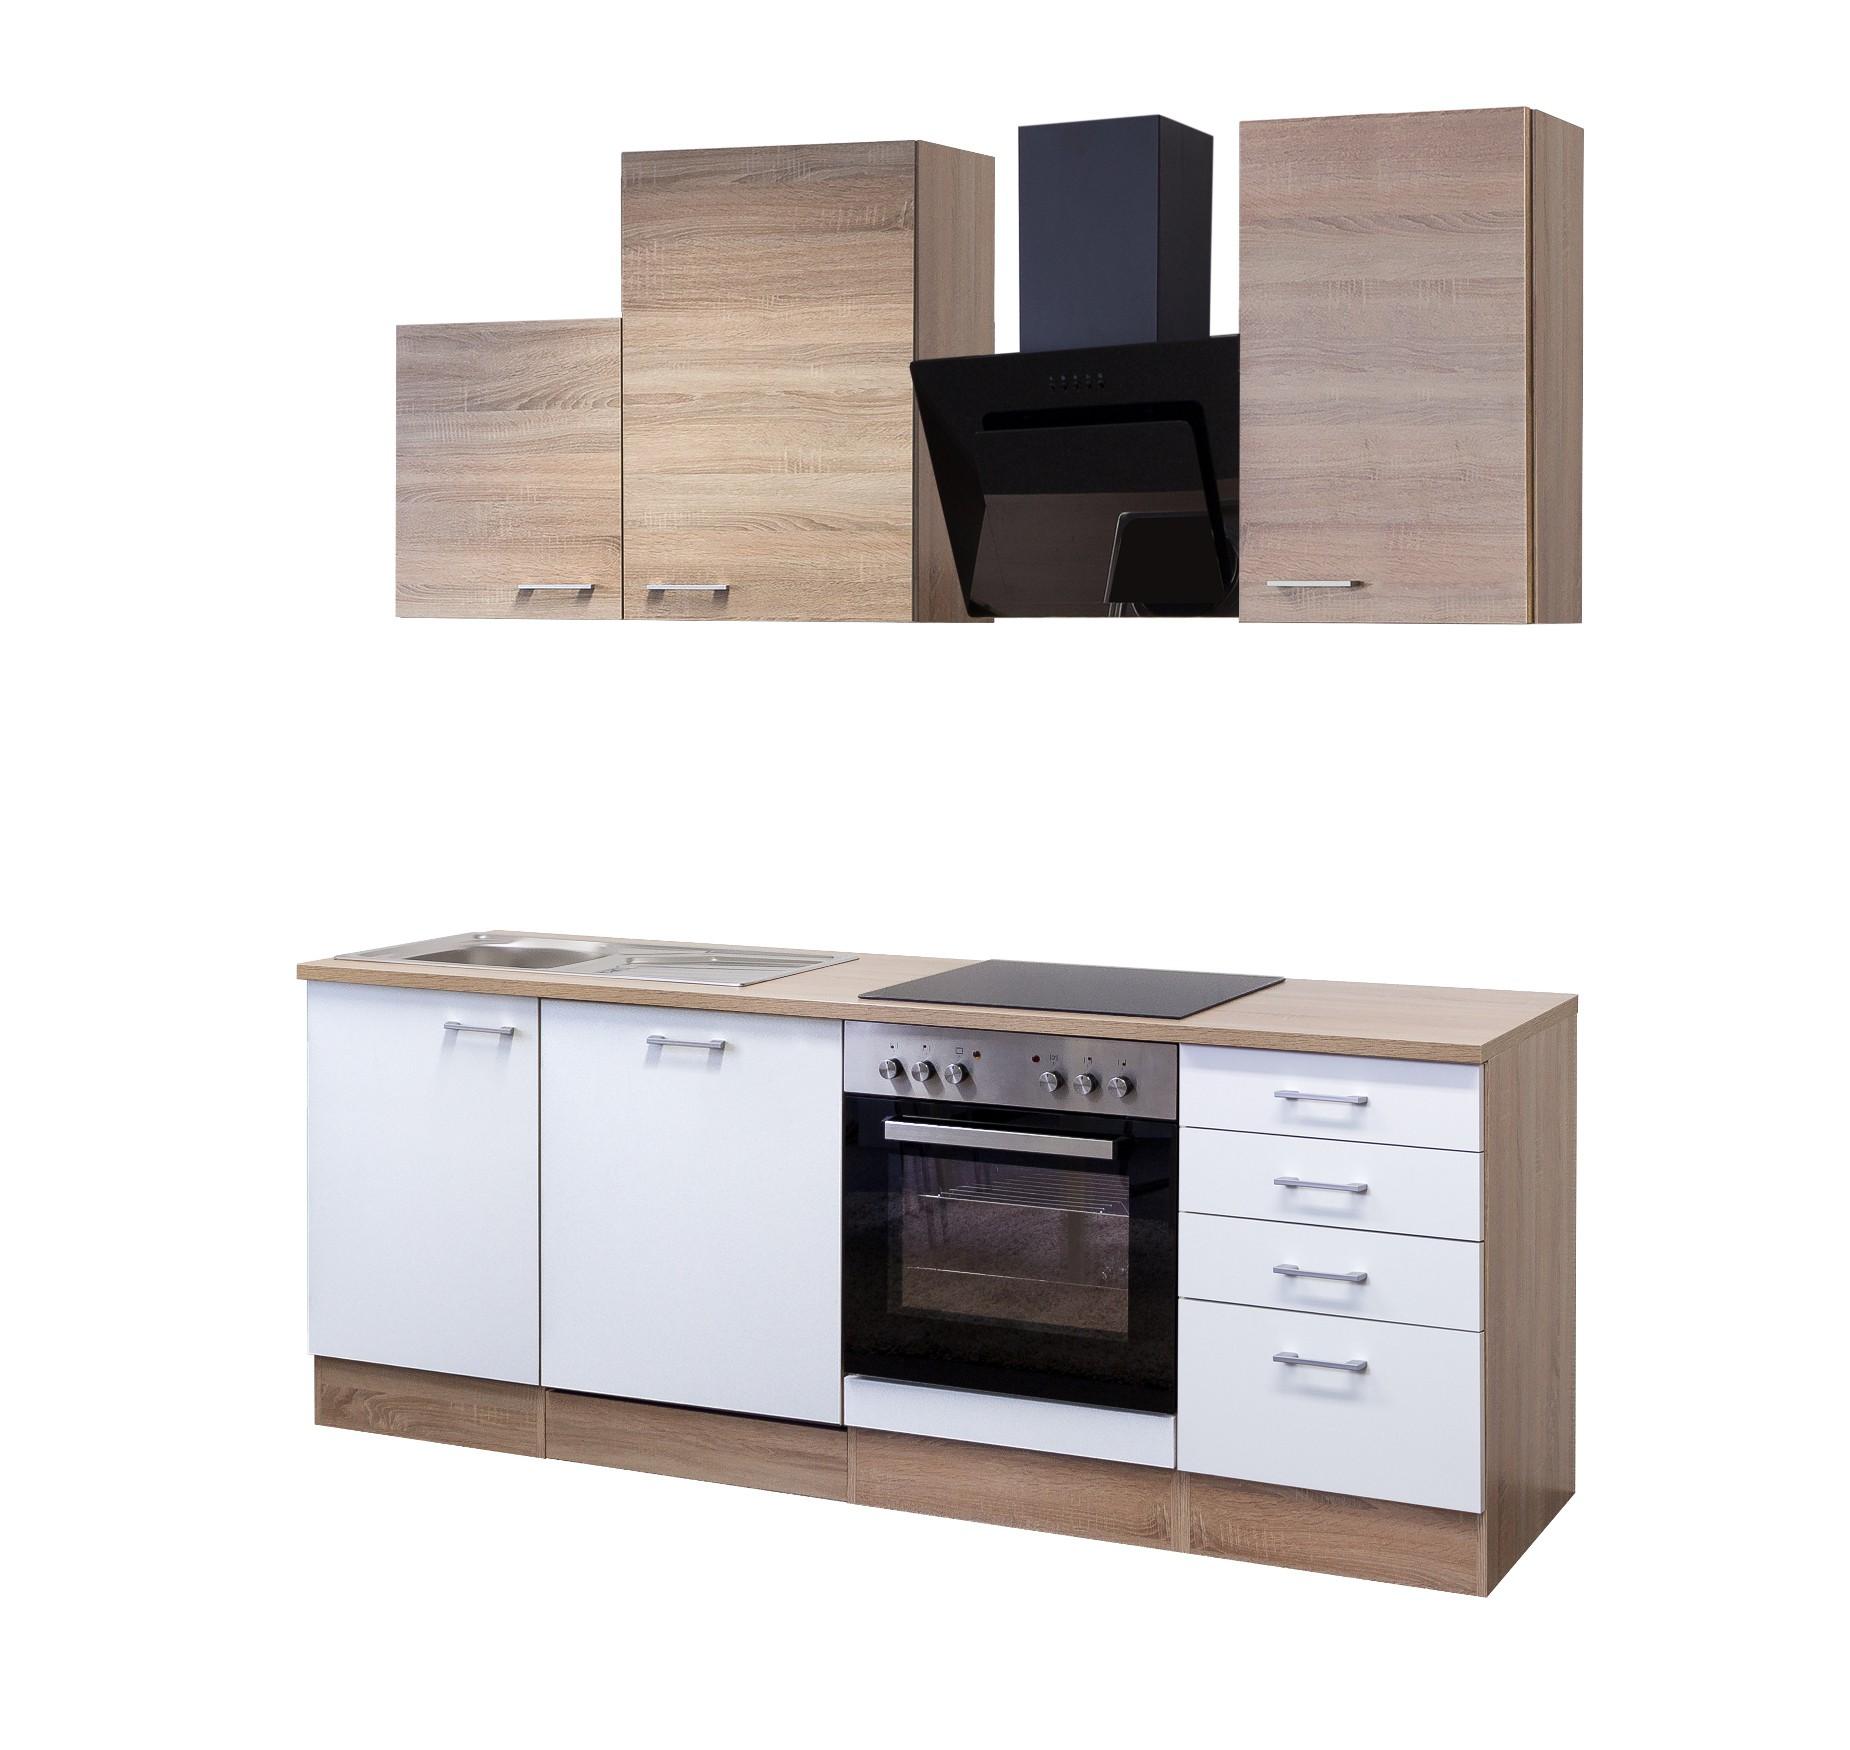 Kuchenzeile rom kuche mit auszugs unterschrank breite for Küchenzeile 180 cm breit